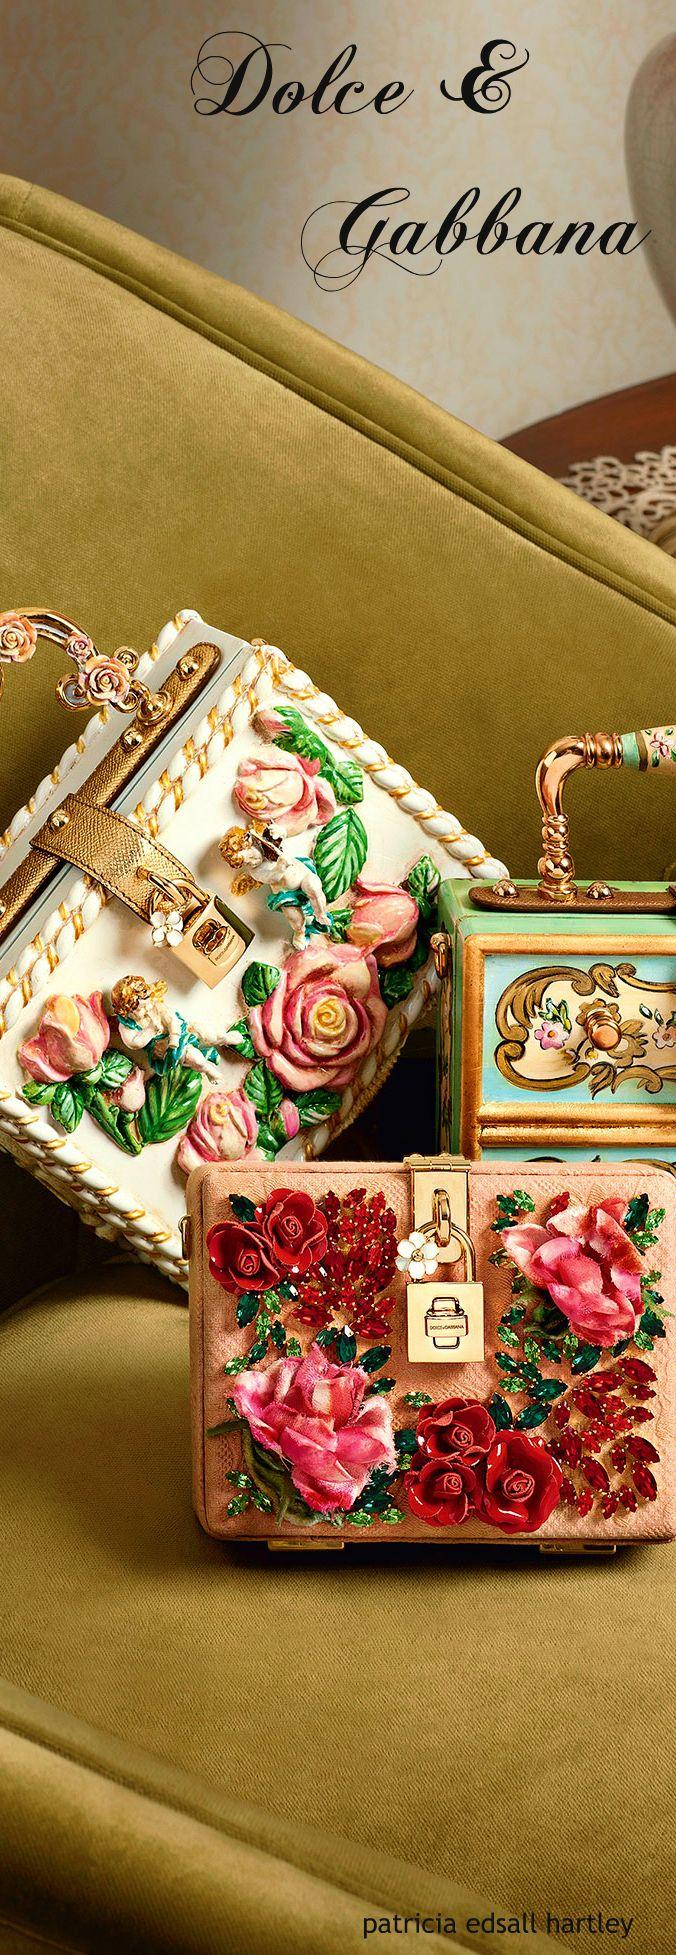 .~Dolce & Gabbana - Winter 2016~. @adeleburgess                                                                                                                                                                                 Más